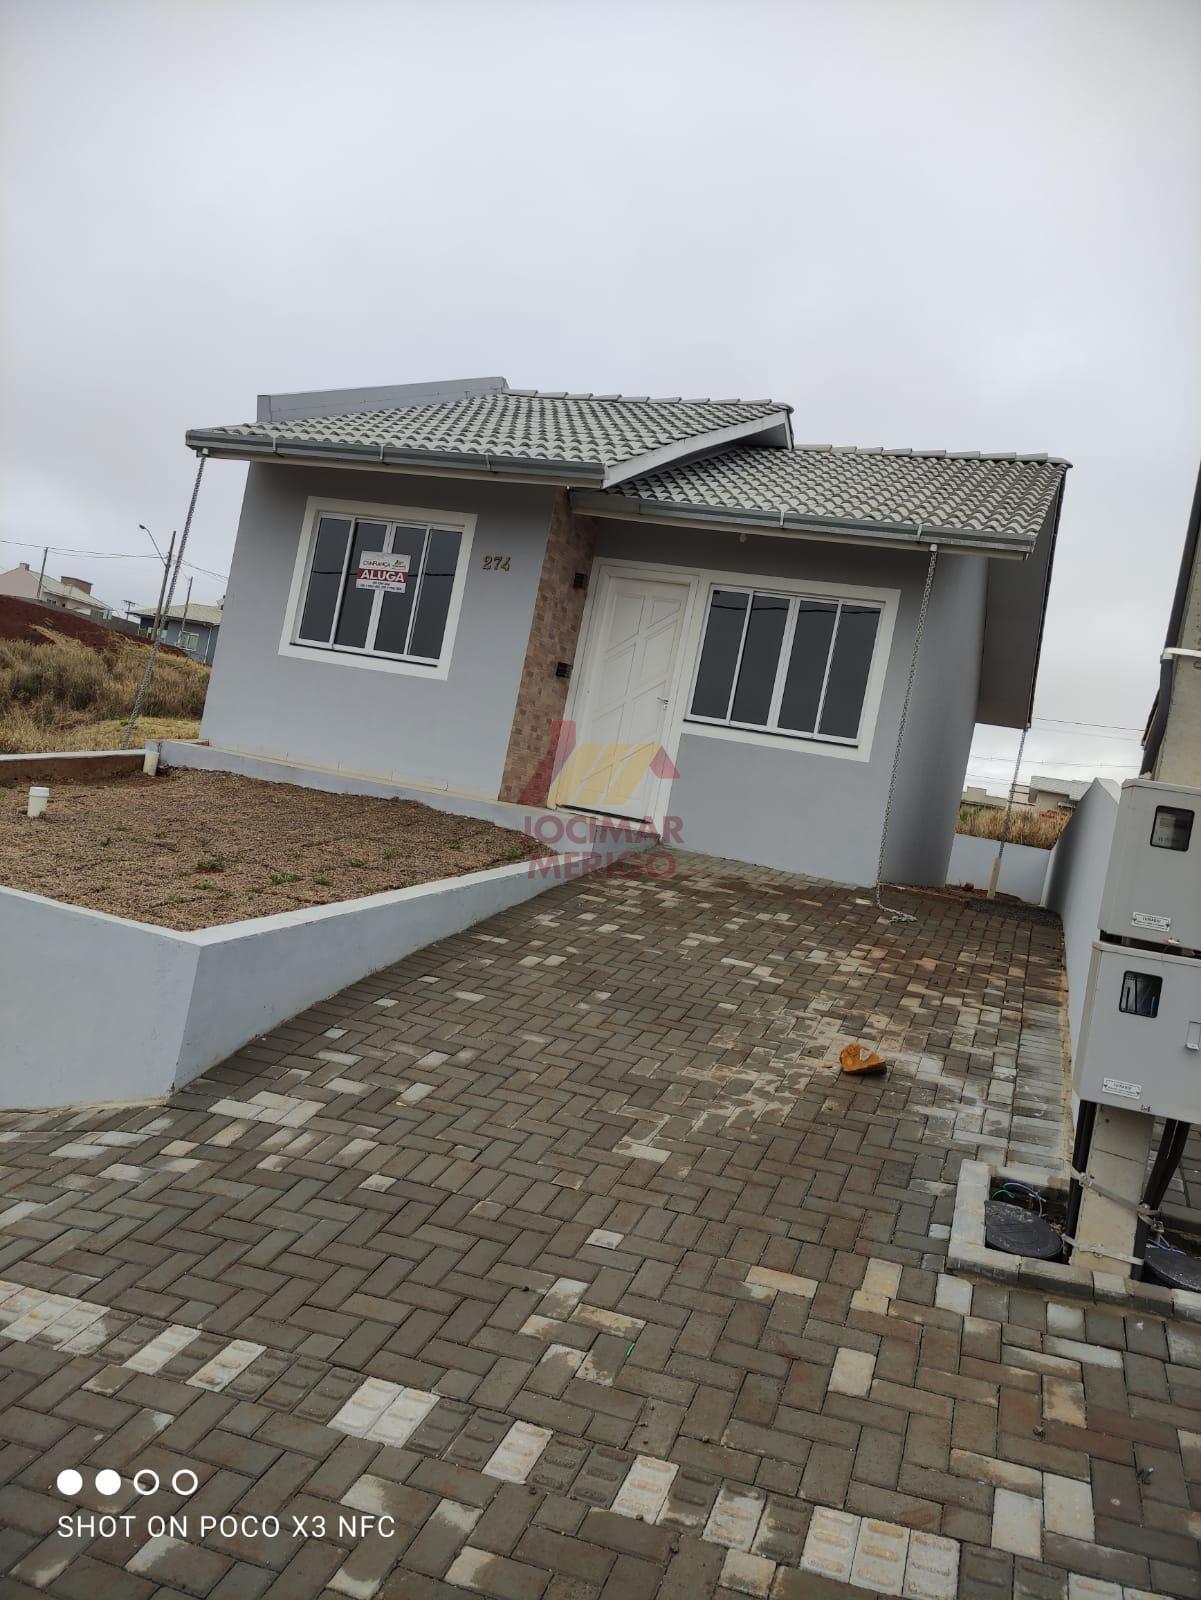 Casa para locação, undefined, VITORINO - PR